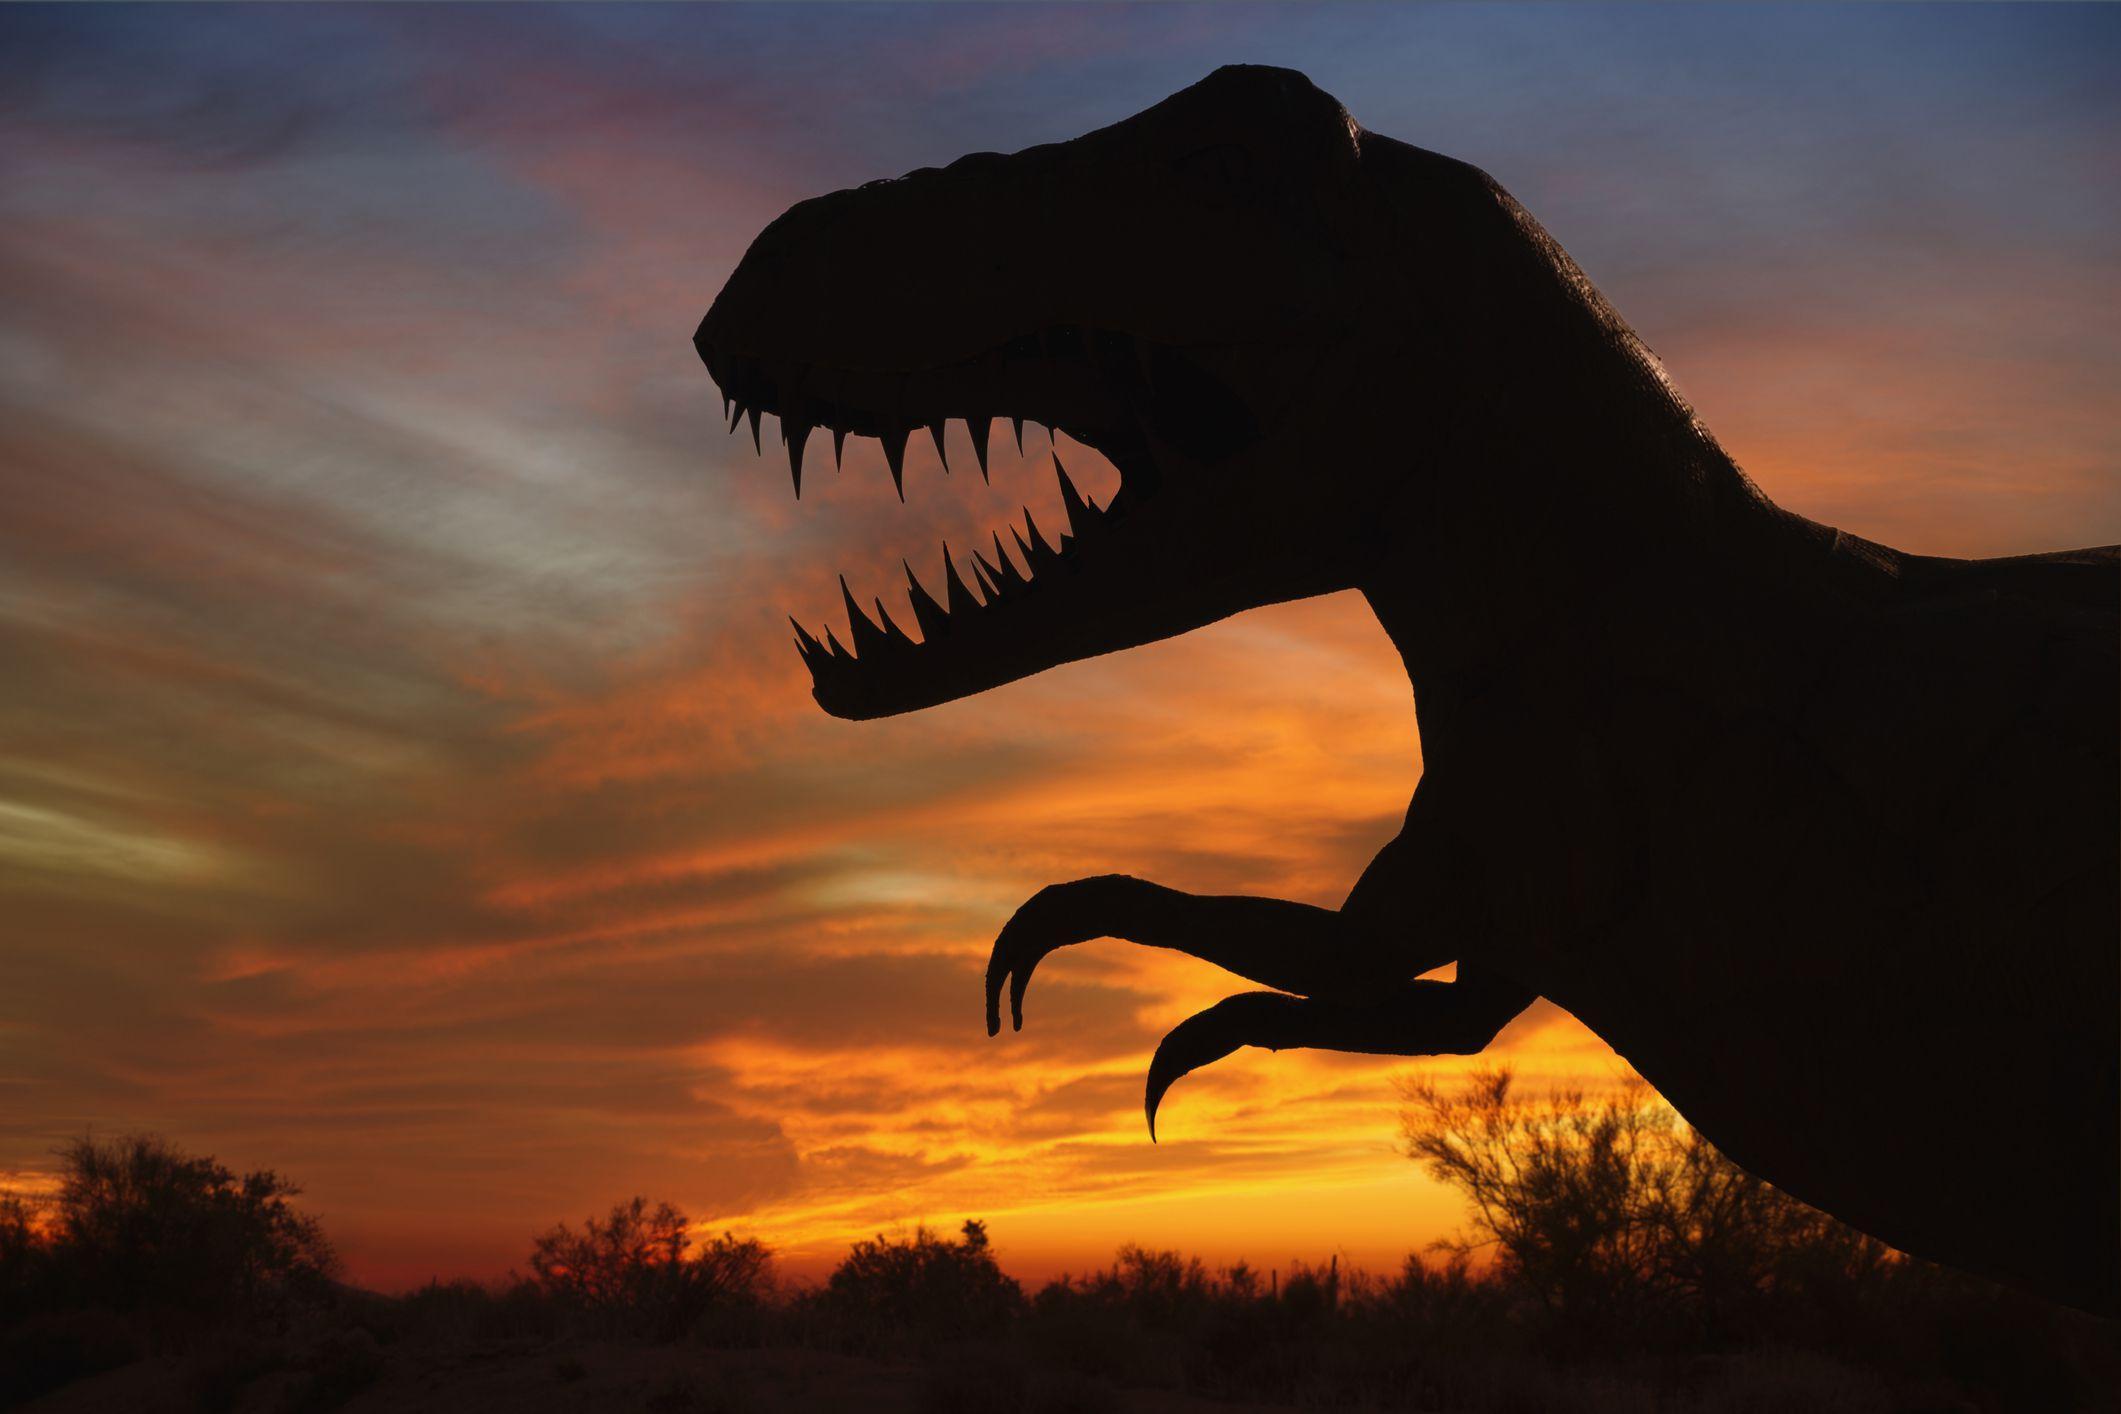 От чего вымерли динозавры?